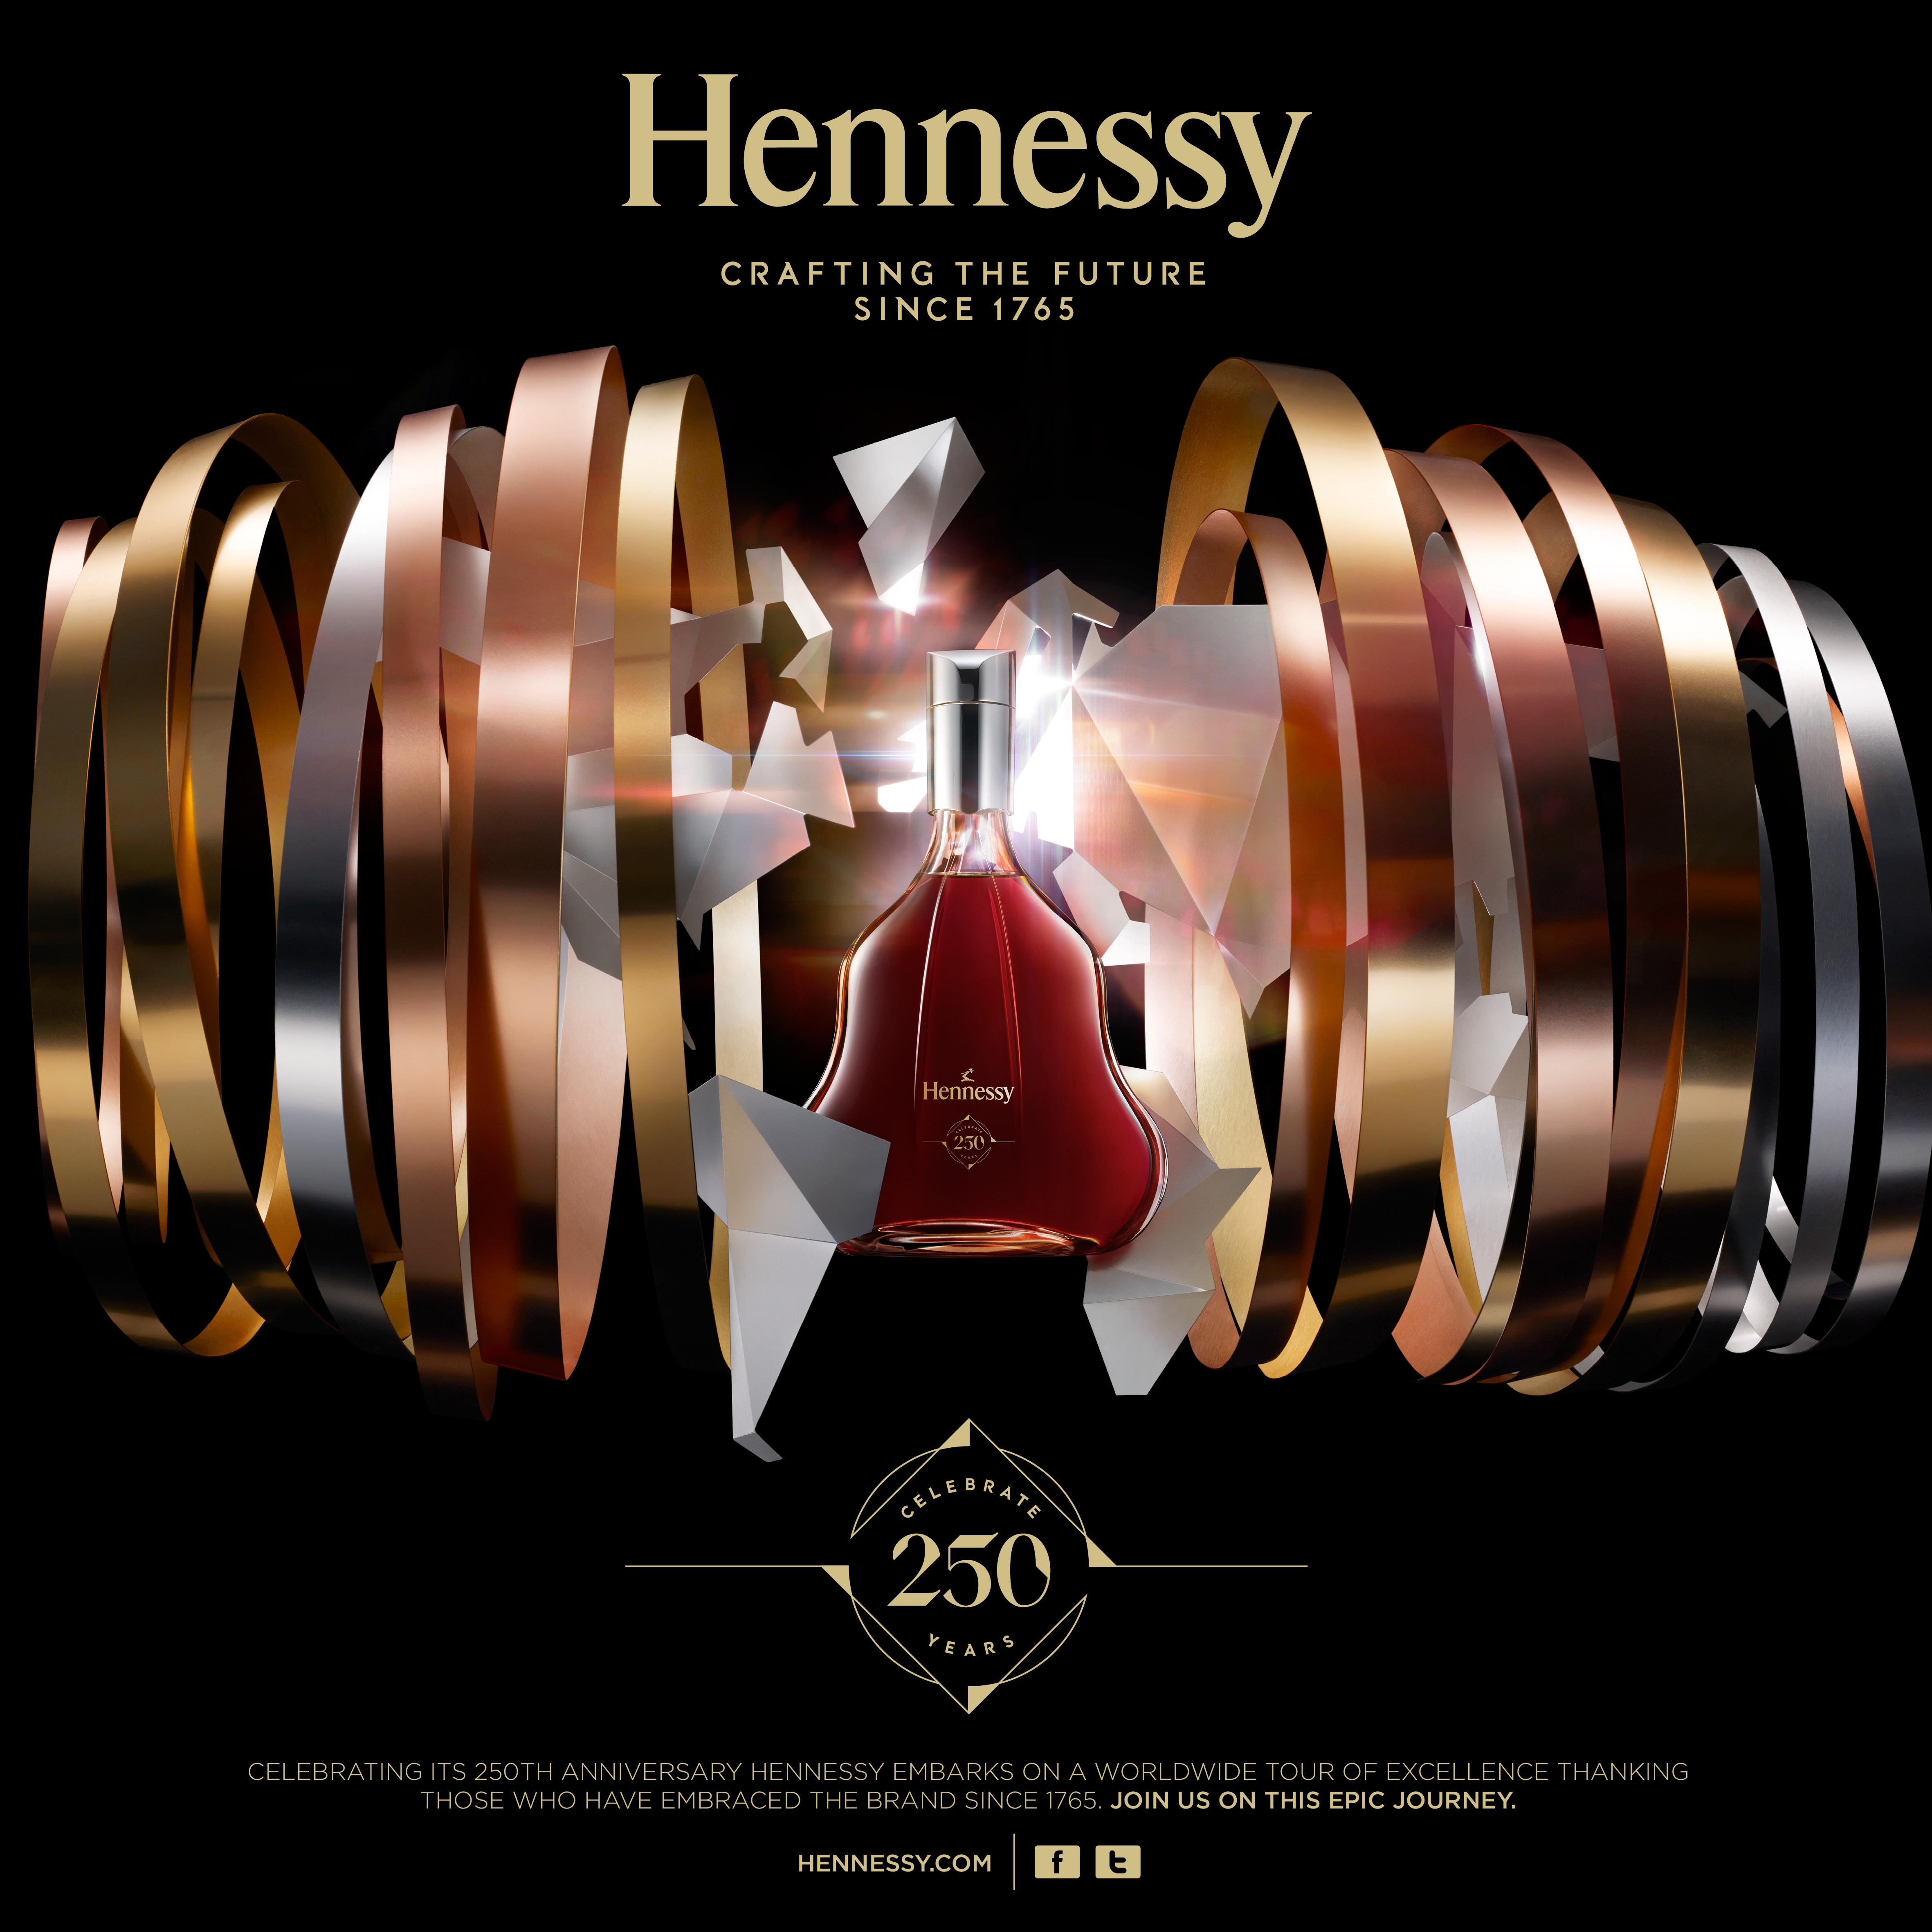 HENNESSY-40X40.jpg (4724×4724)